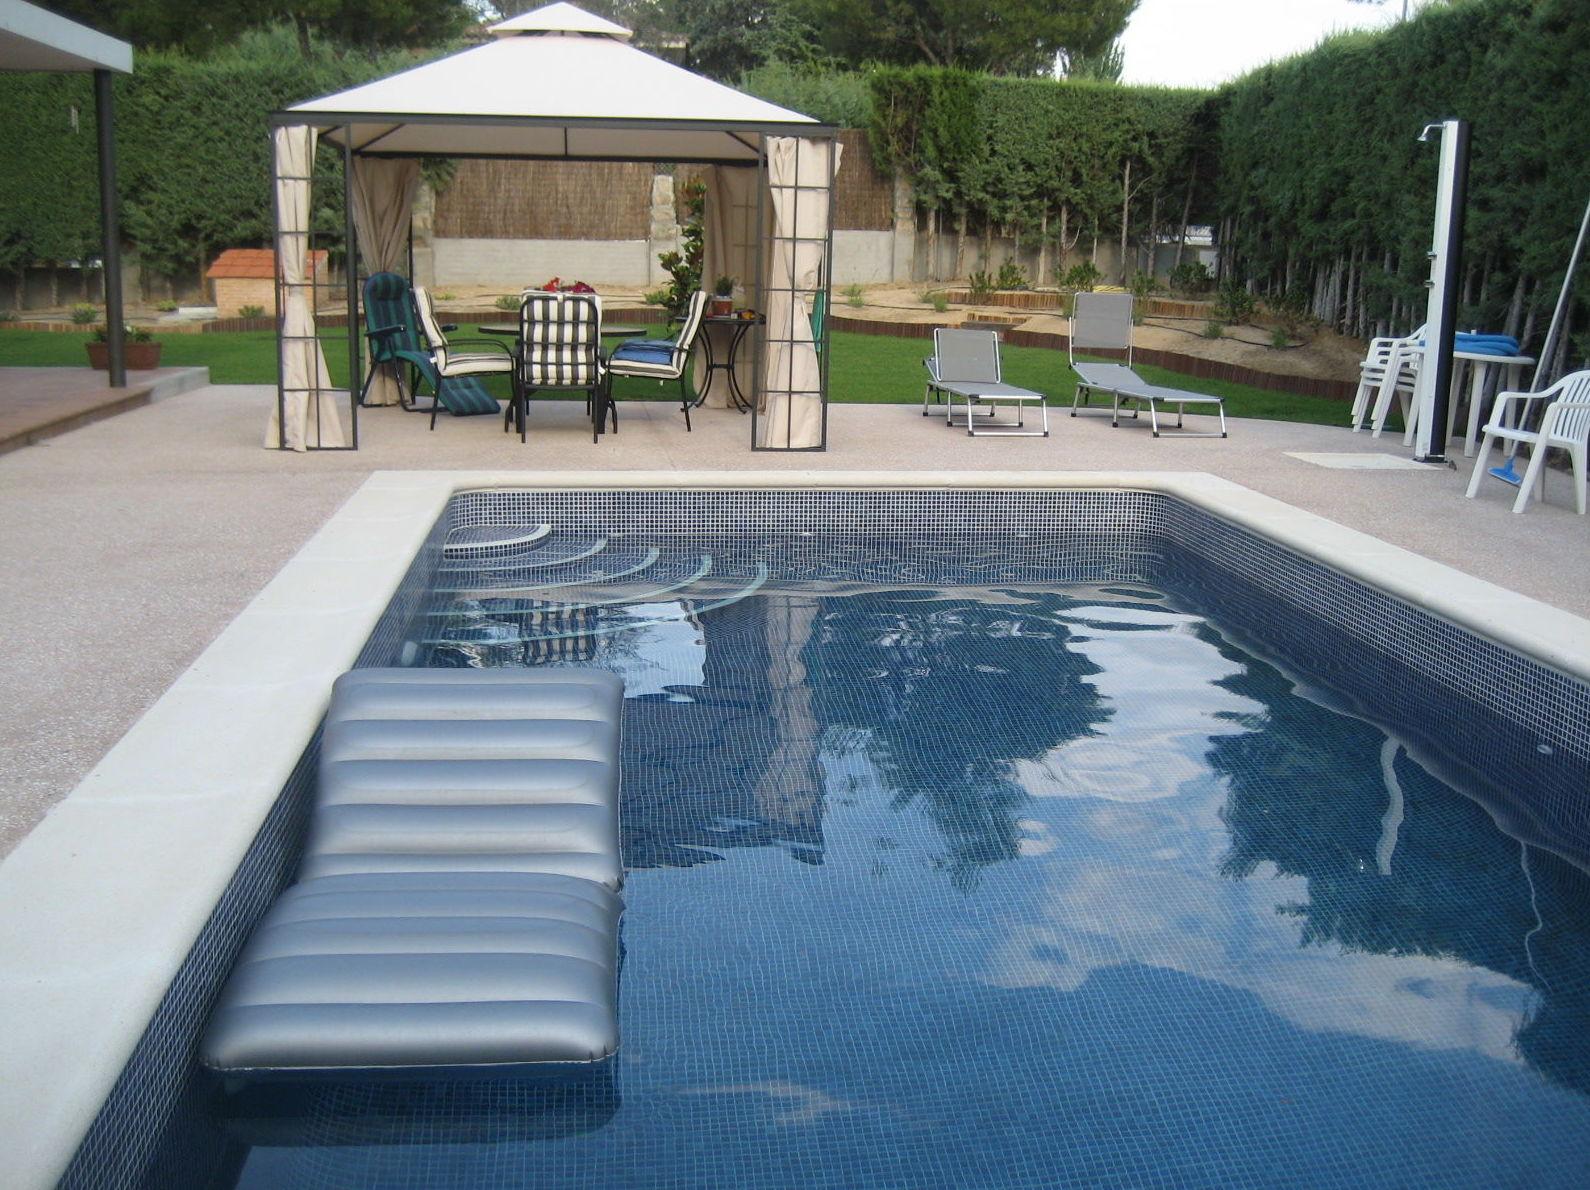 Piscina gunitada de 8x4 piscinas y accesorios de ardigral for Precio piscina obra 8x4